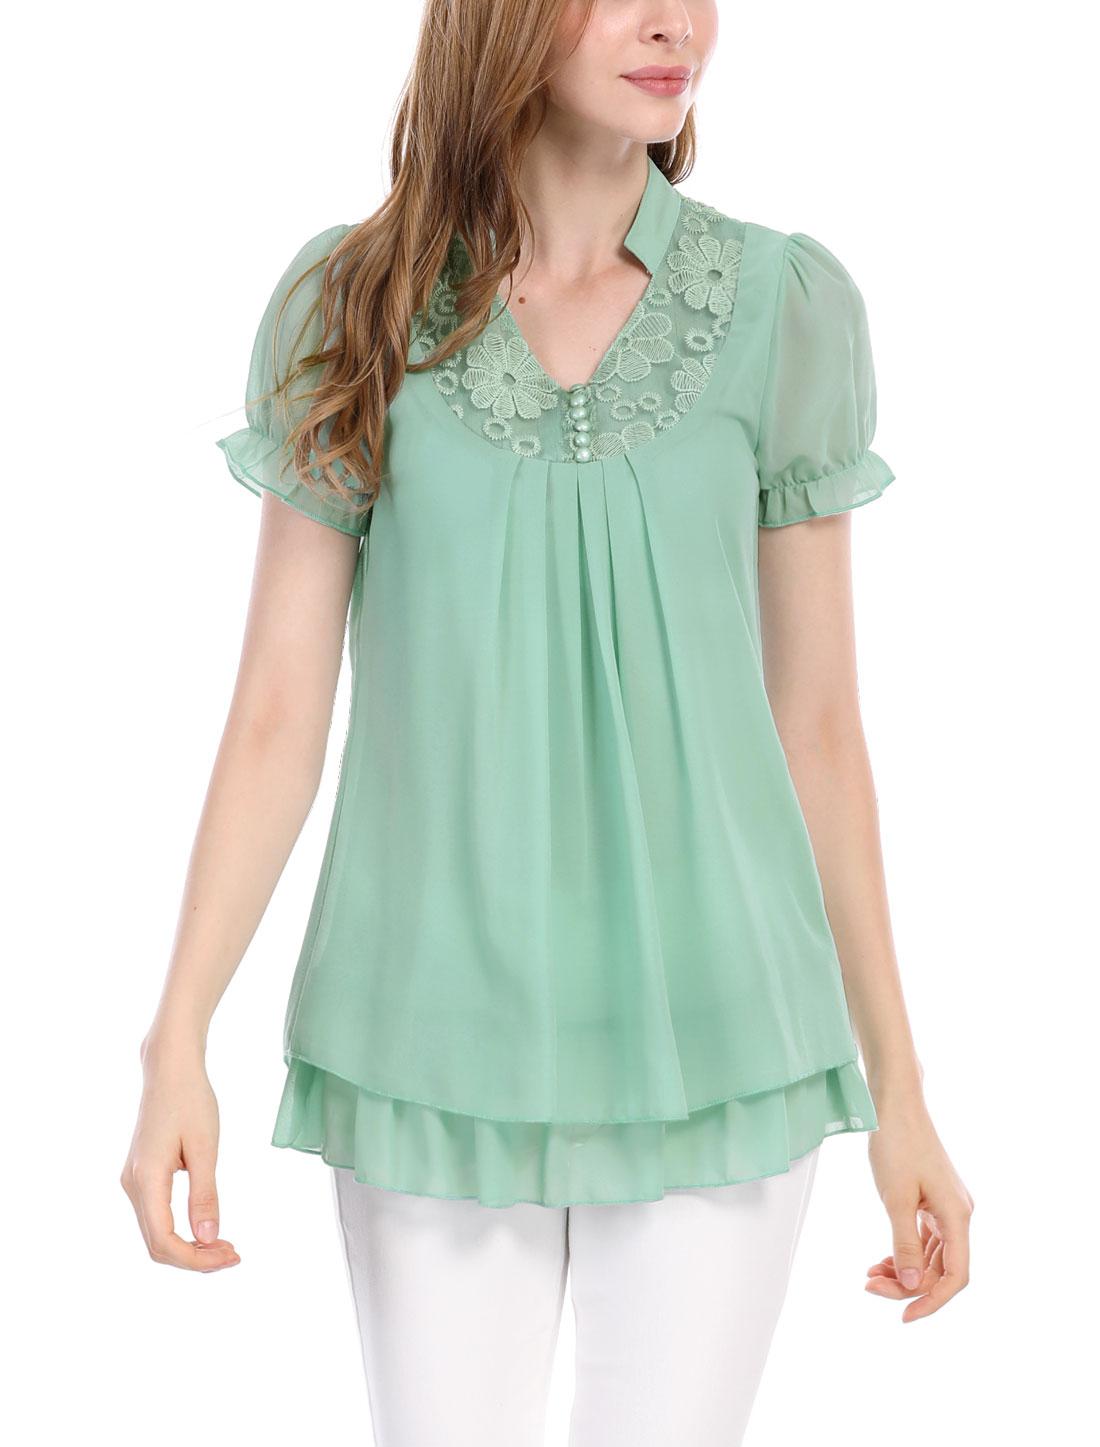 Ladies Short Sleeves Elegant Chiffon Fashion Shirts Green M